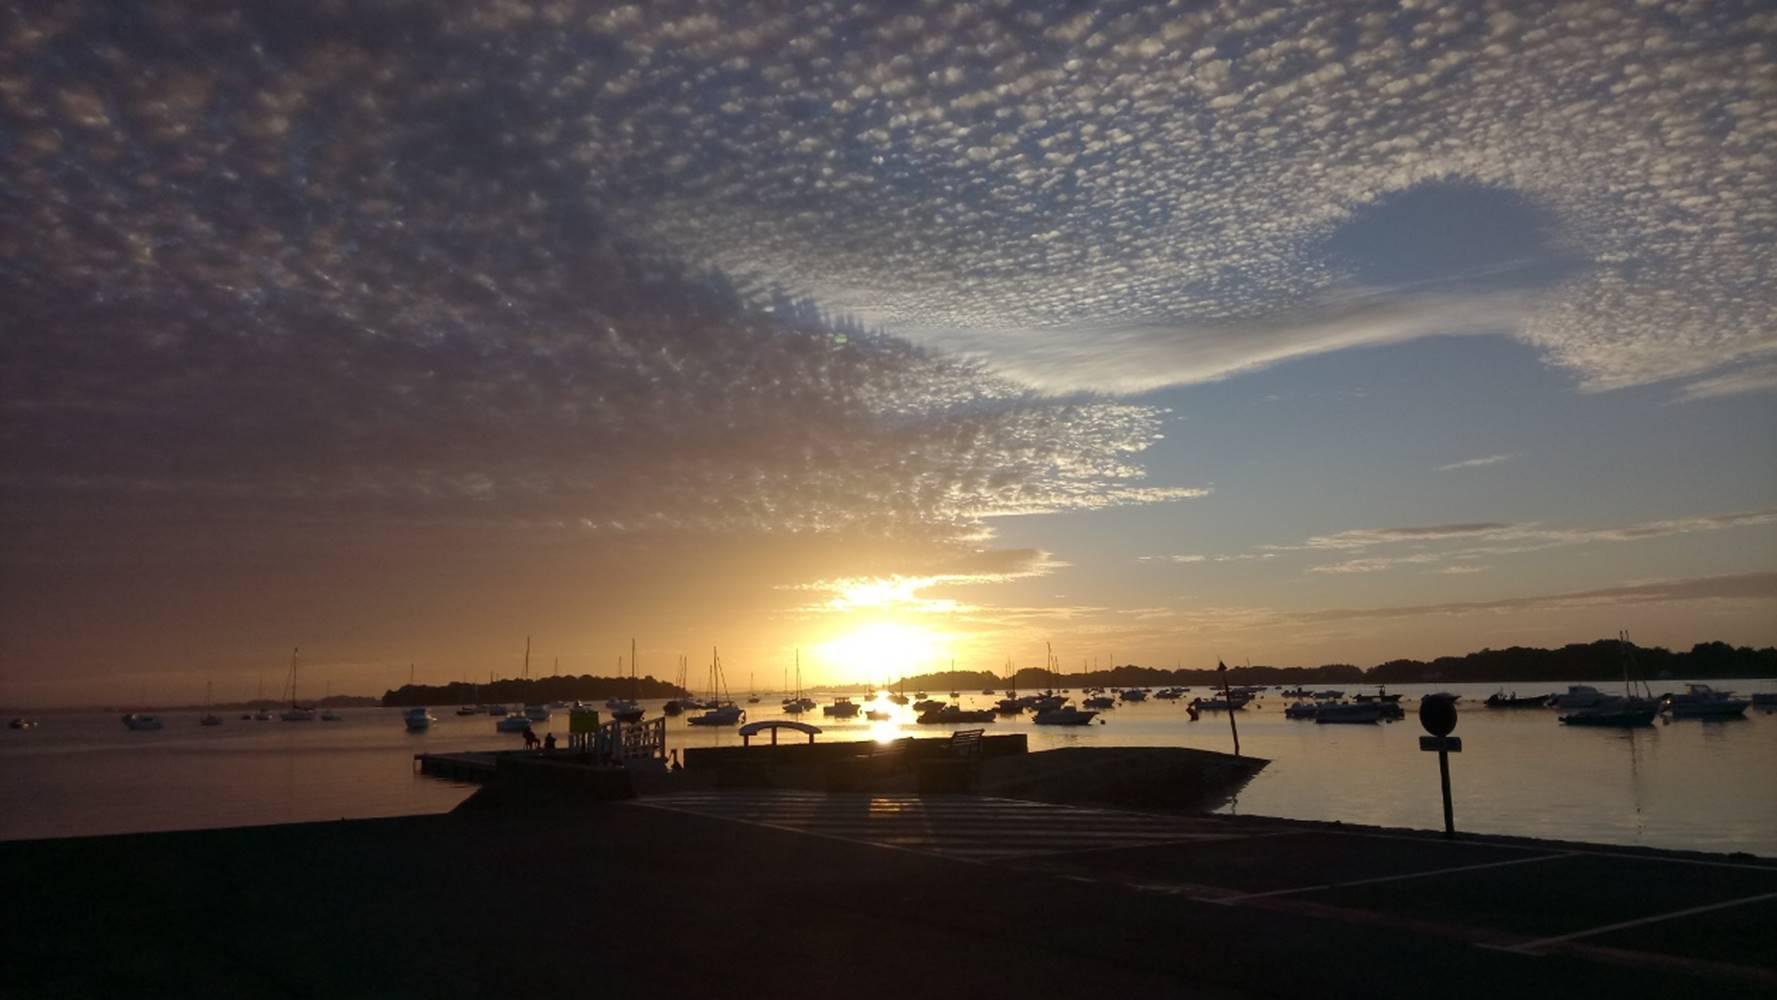 Guide de pêche en mer, Golfe du Morbihan, pêche au bar en bretagne, Sortie pêche en bateau à Sarzeau, Presqu'îles de Rhuys, pêche au bar avec un moniteur, guide de pêche professionnel © Mickaël Rio